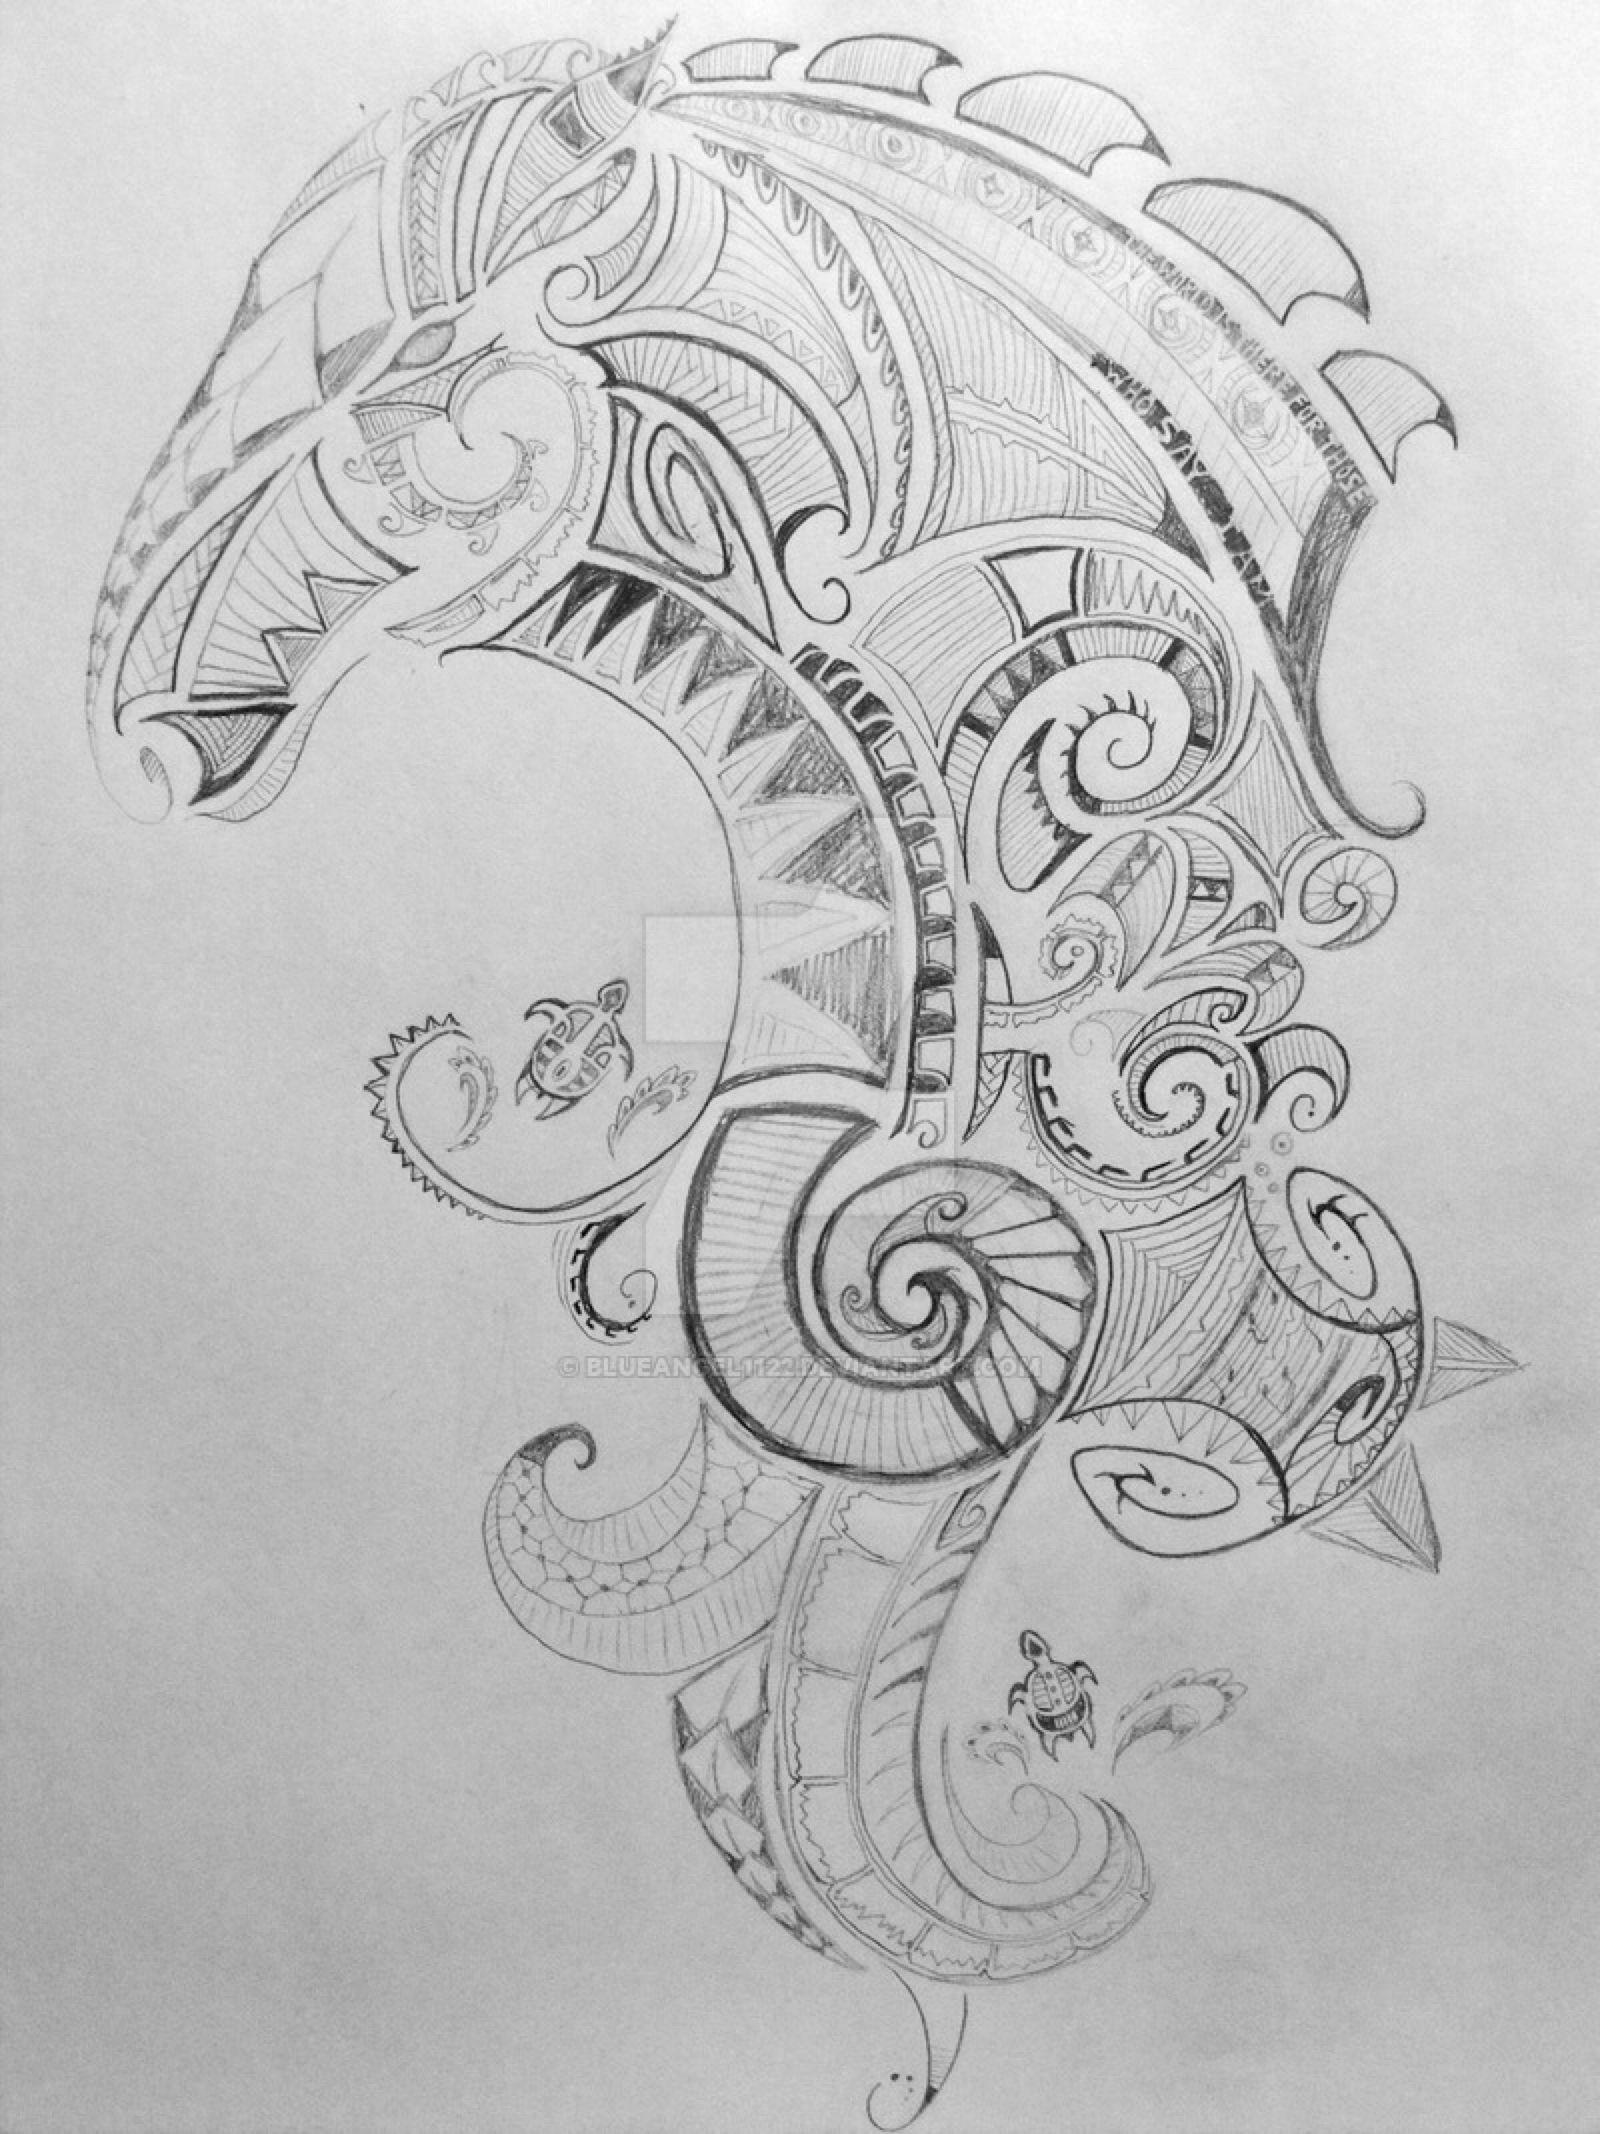 Maori Tattoo Uk: Maori Tattoo WIP By Blueangel1122 On @DeviantArt